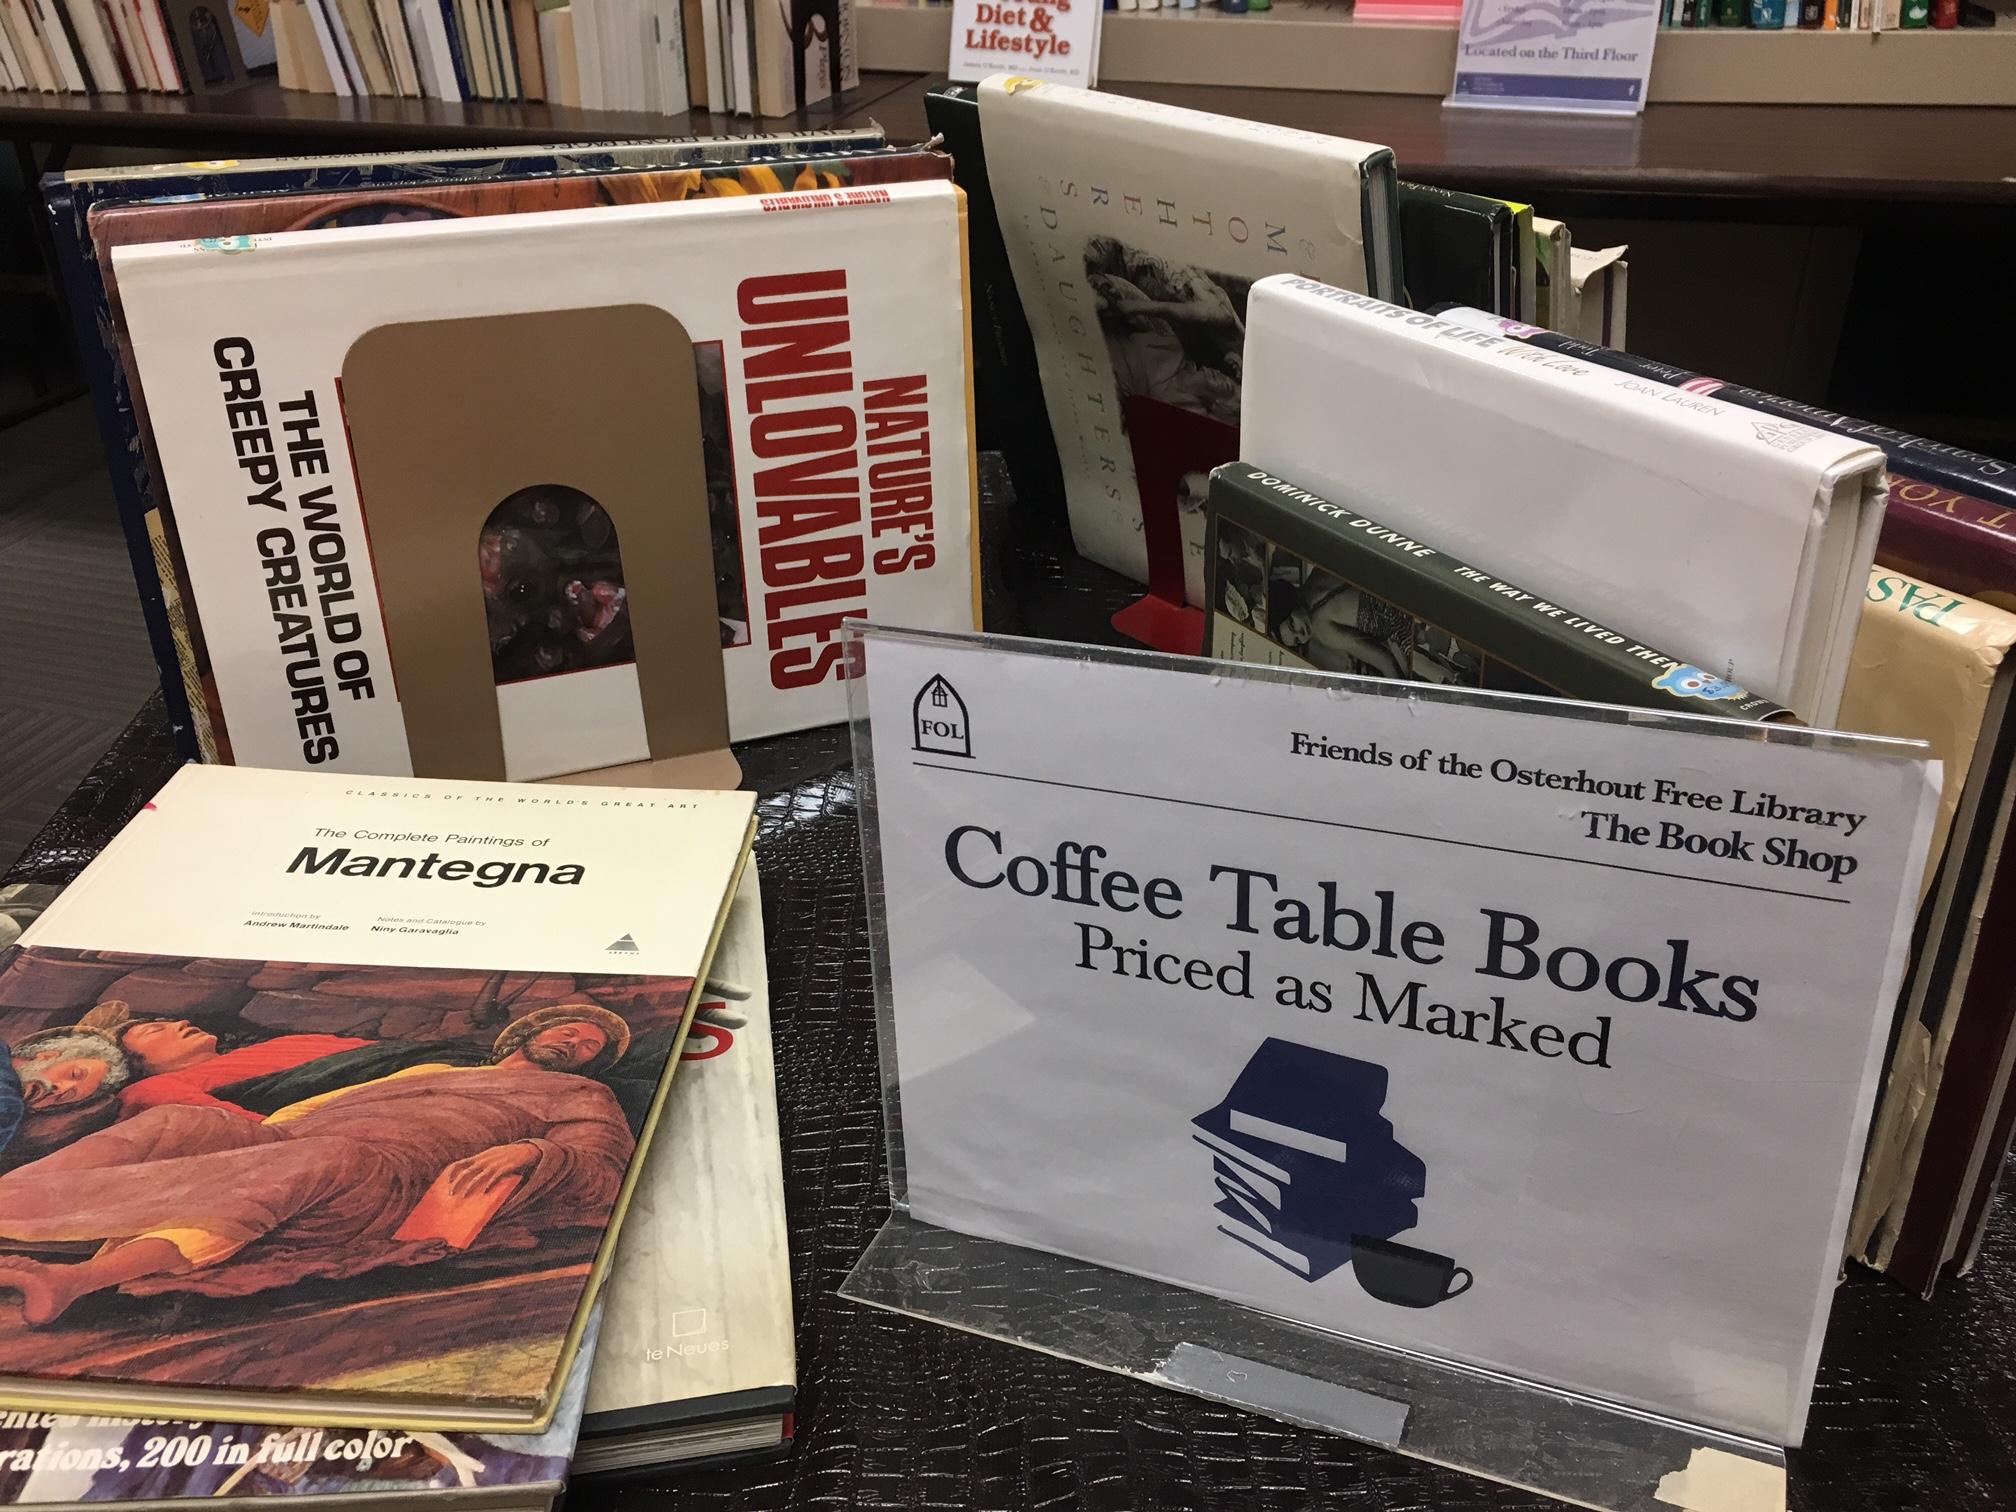 Friends book shop osterhout free library follow link fandeluxe Gallery